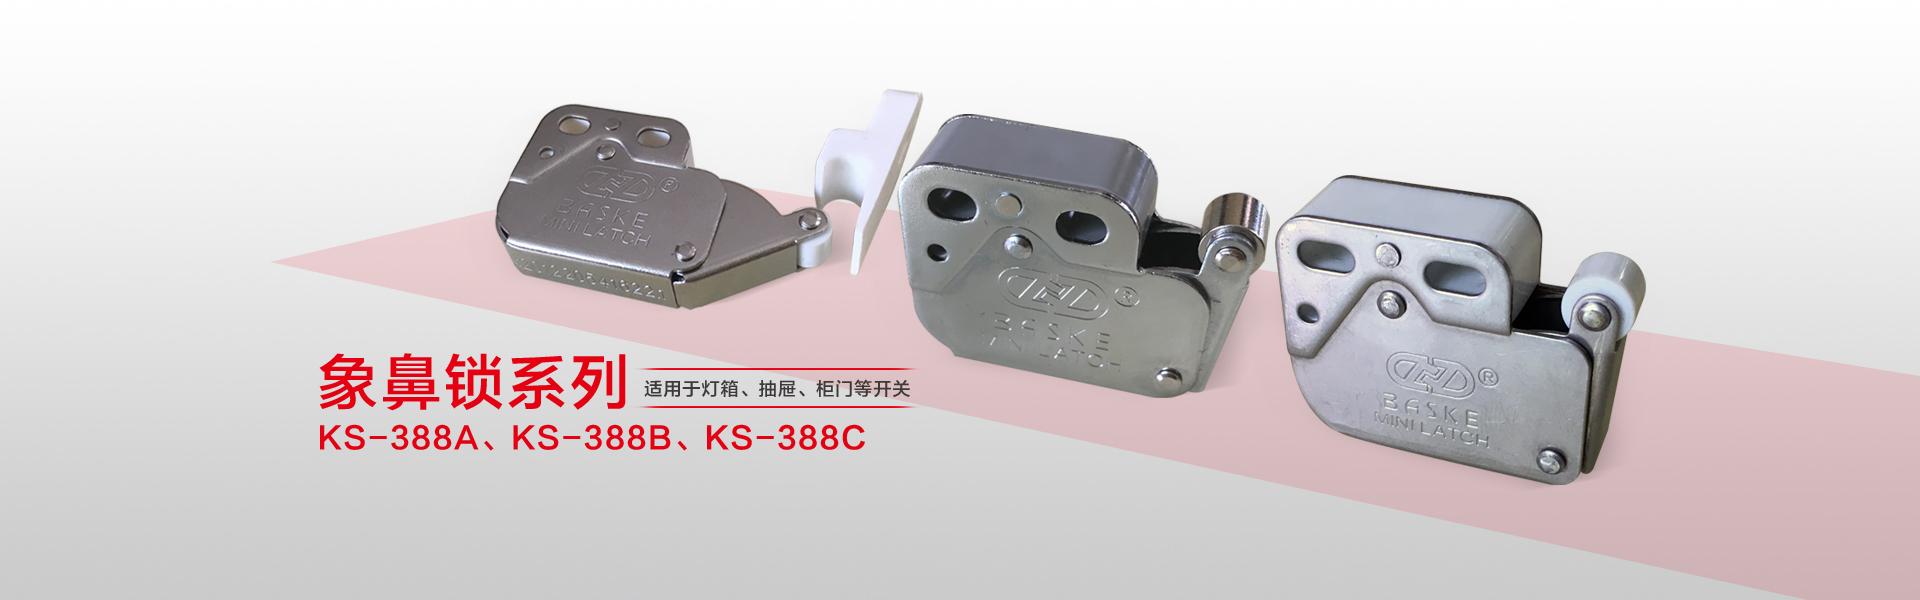 肇慶康盛金屬制品有限公司是一家生產家具五金、家電五金配套、建筑裝修五金系列的廠家。